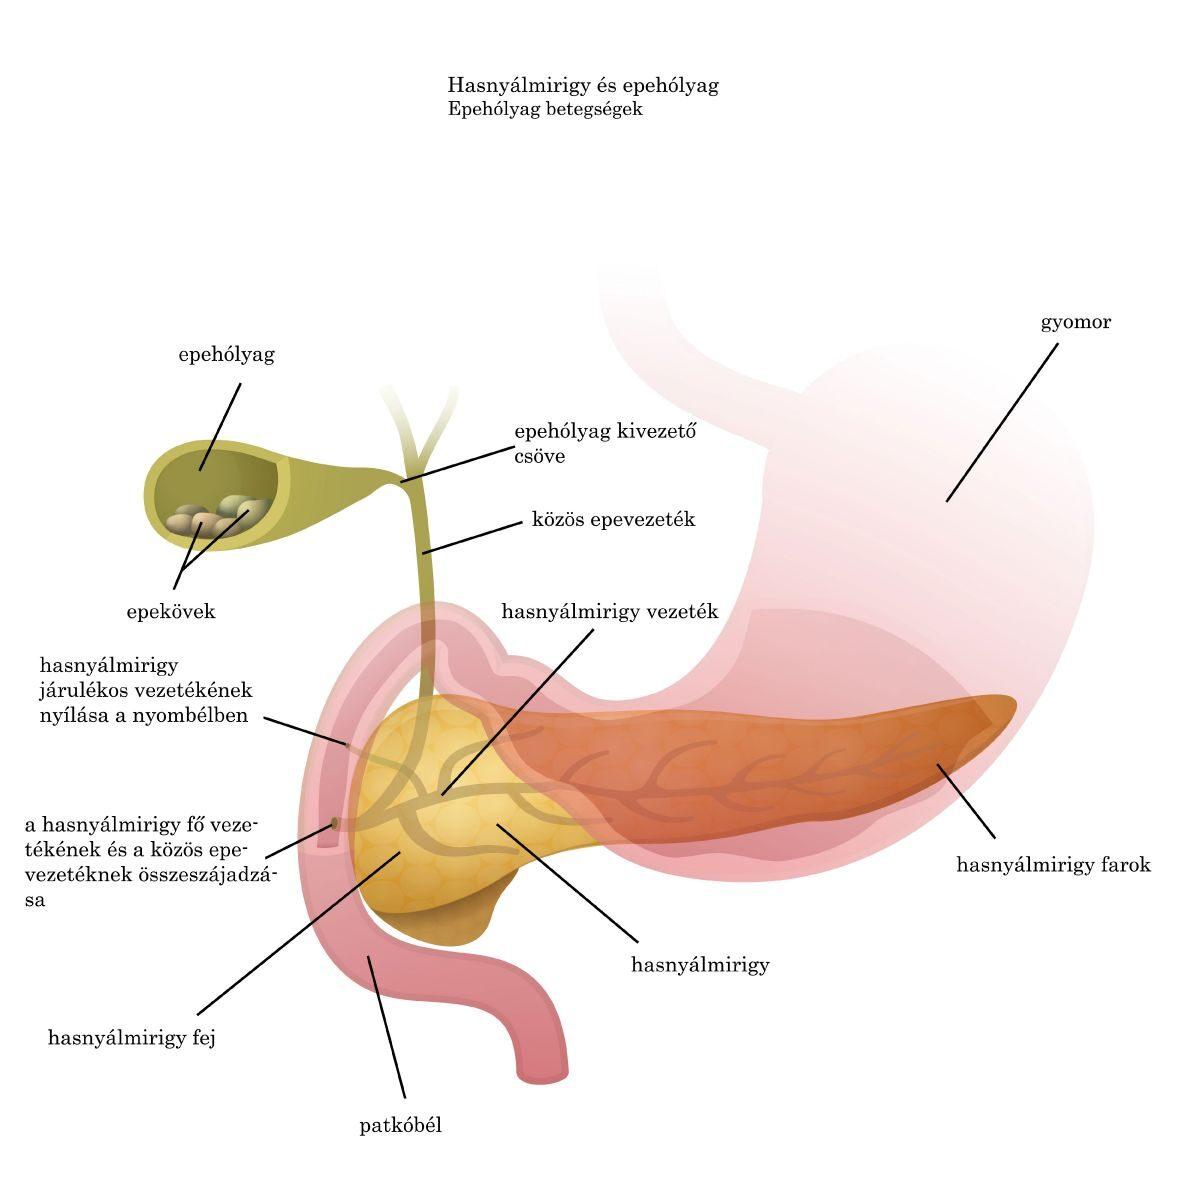 helminthiasis tesztek válaszokkal